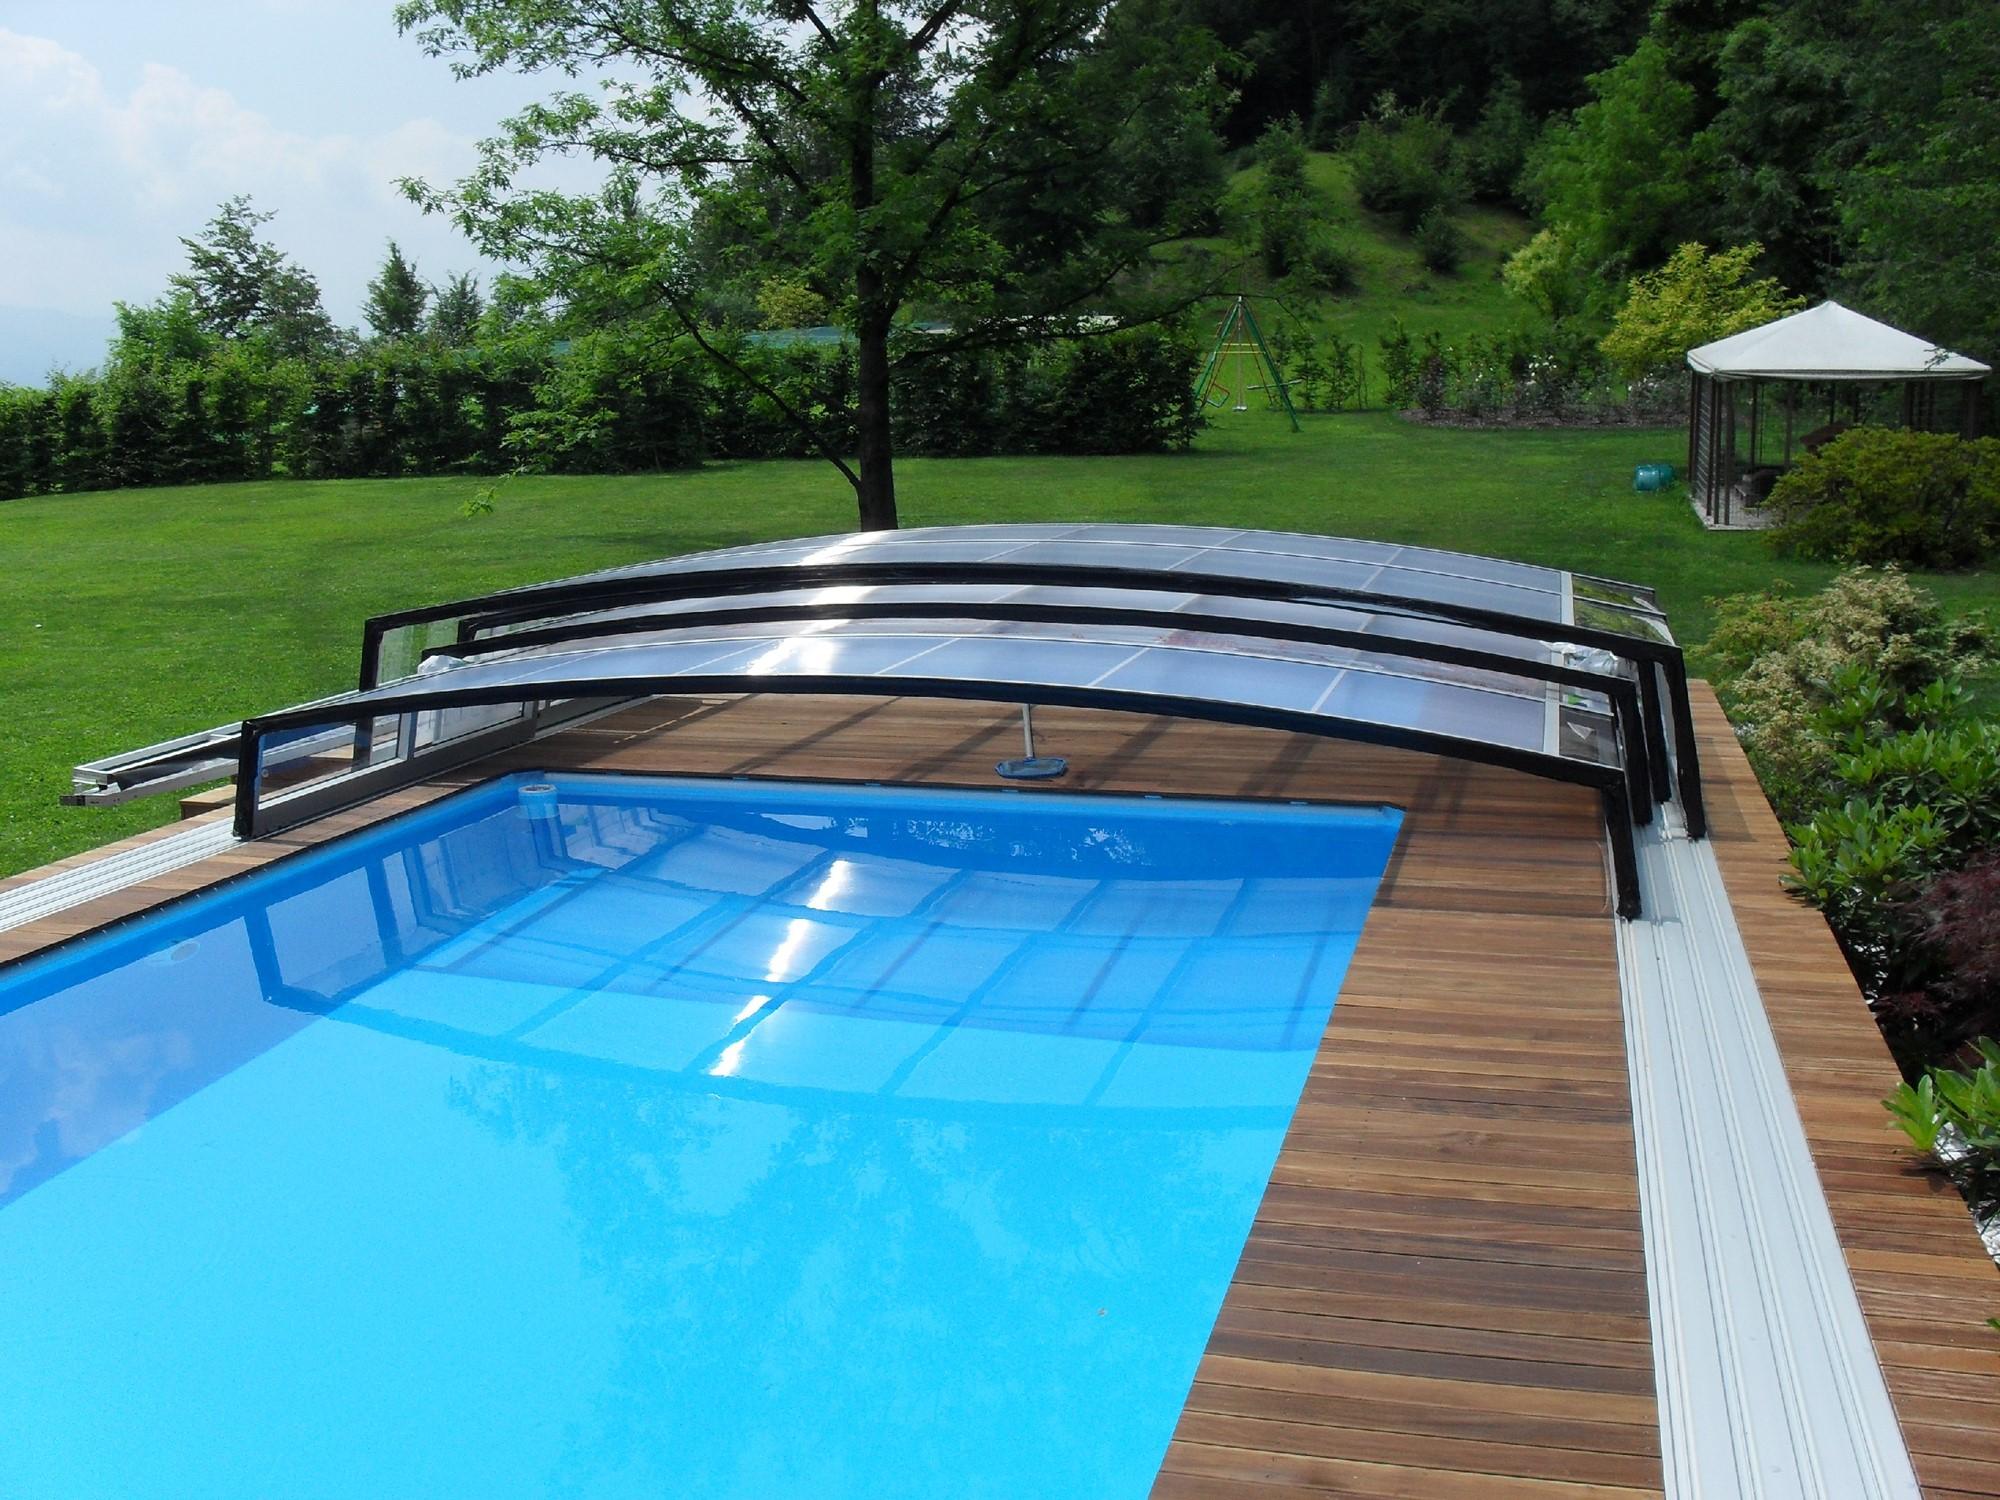 Rivestimento piscina fuori terra xk26 regardsdefemmes for Piscine fuori terra rivestite